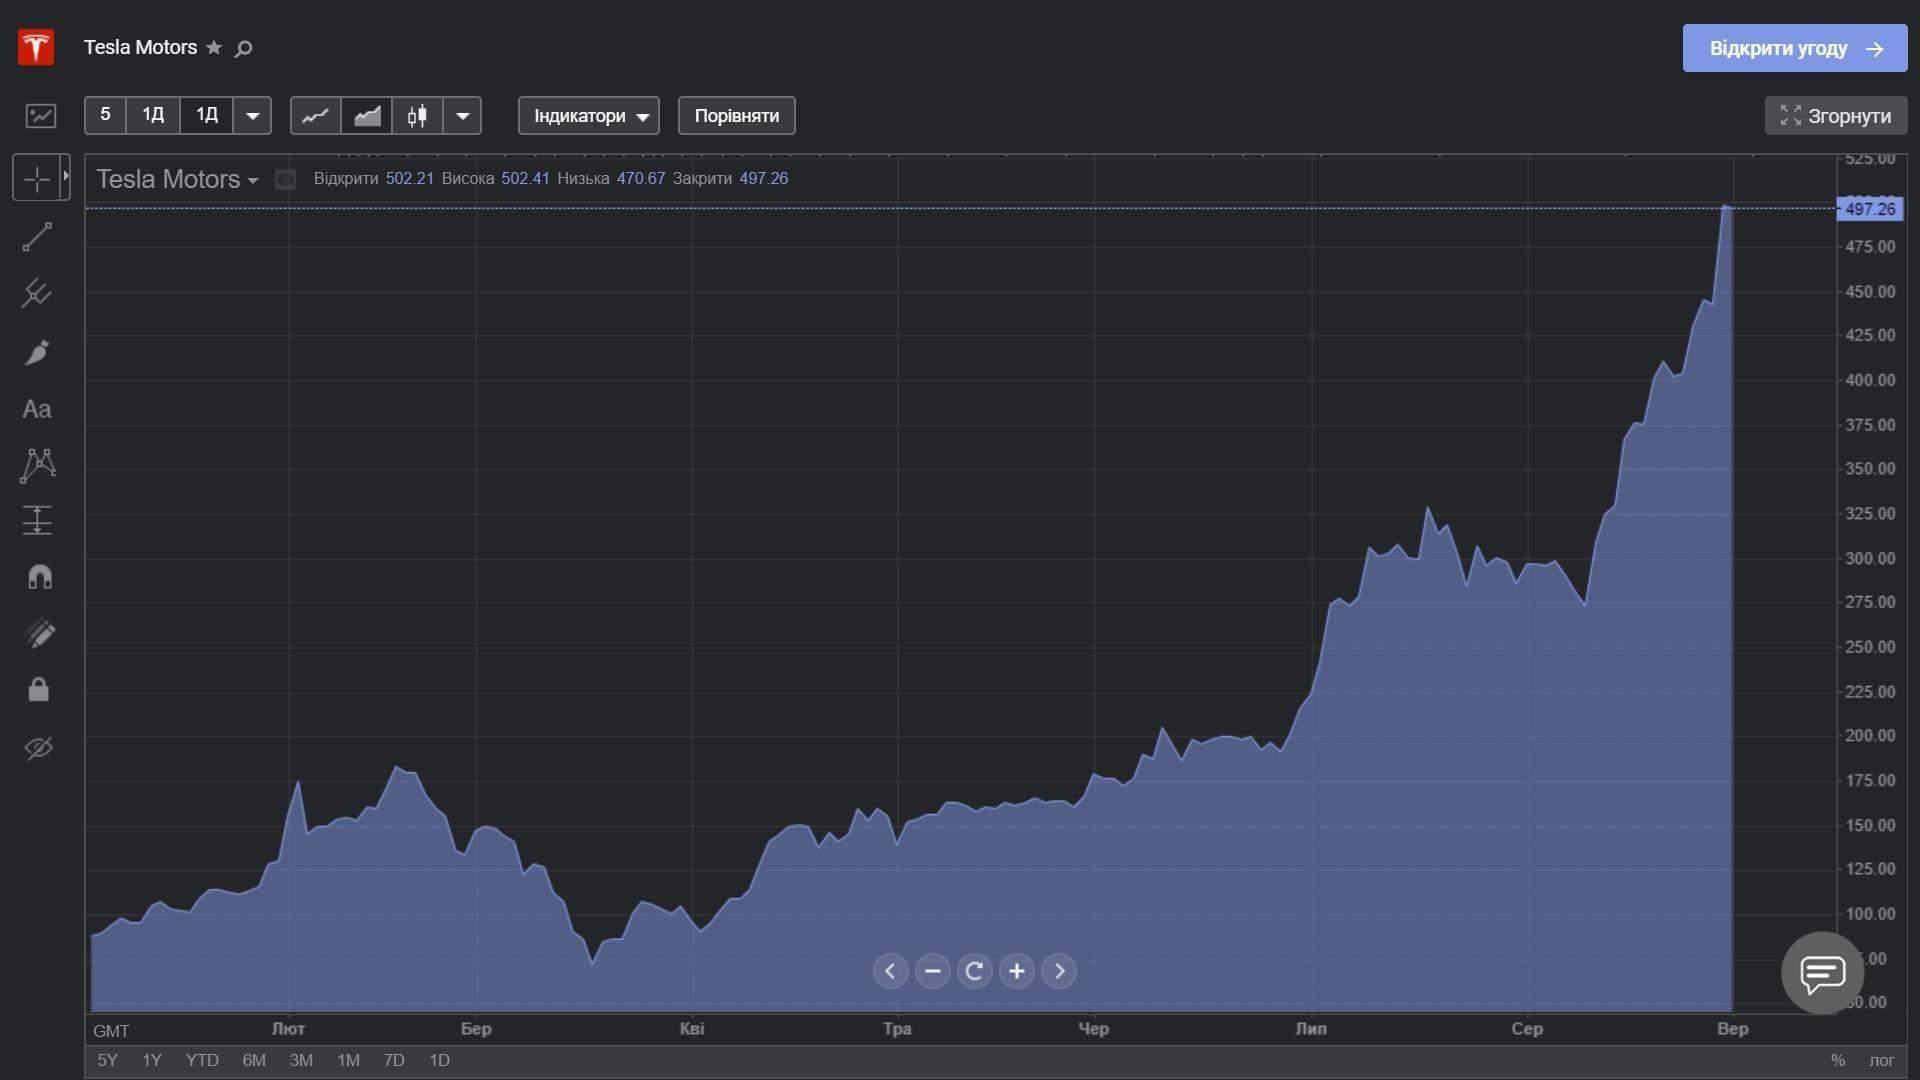 Акції Tesla з початку року зросли майже в 6 разів